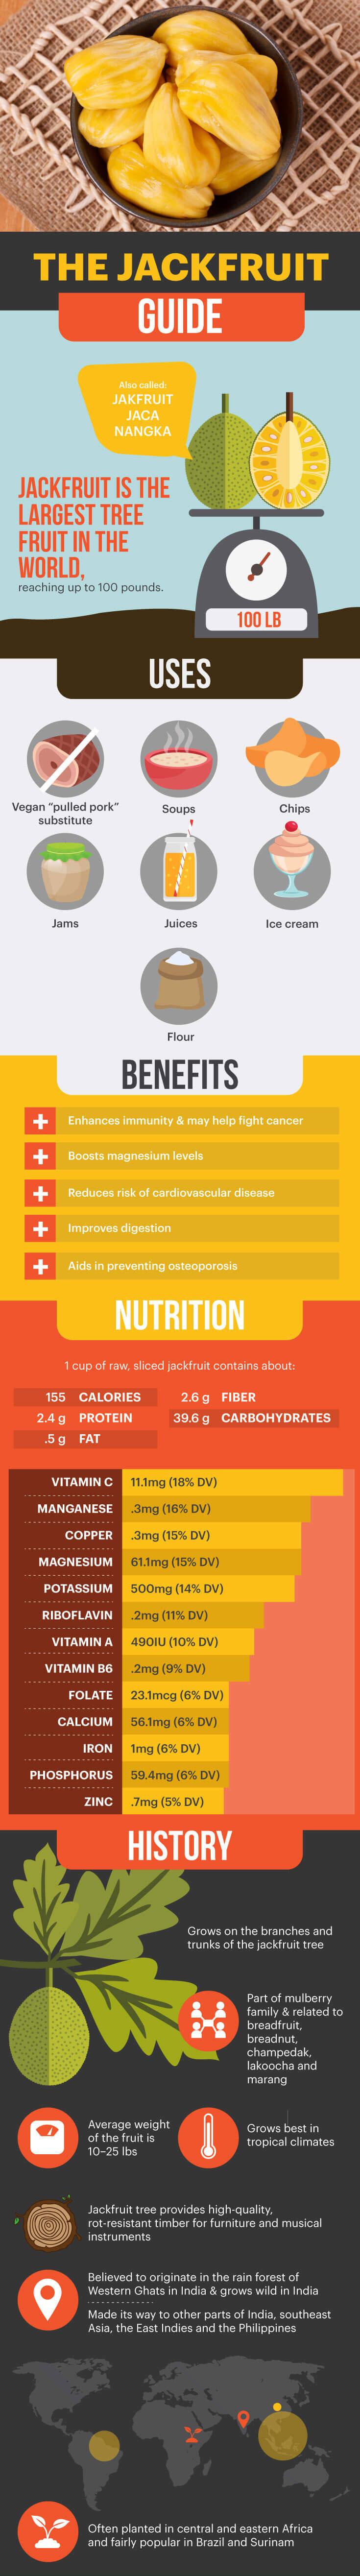 health-benefits-of-jackfruit